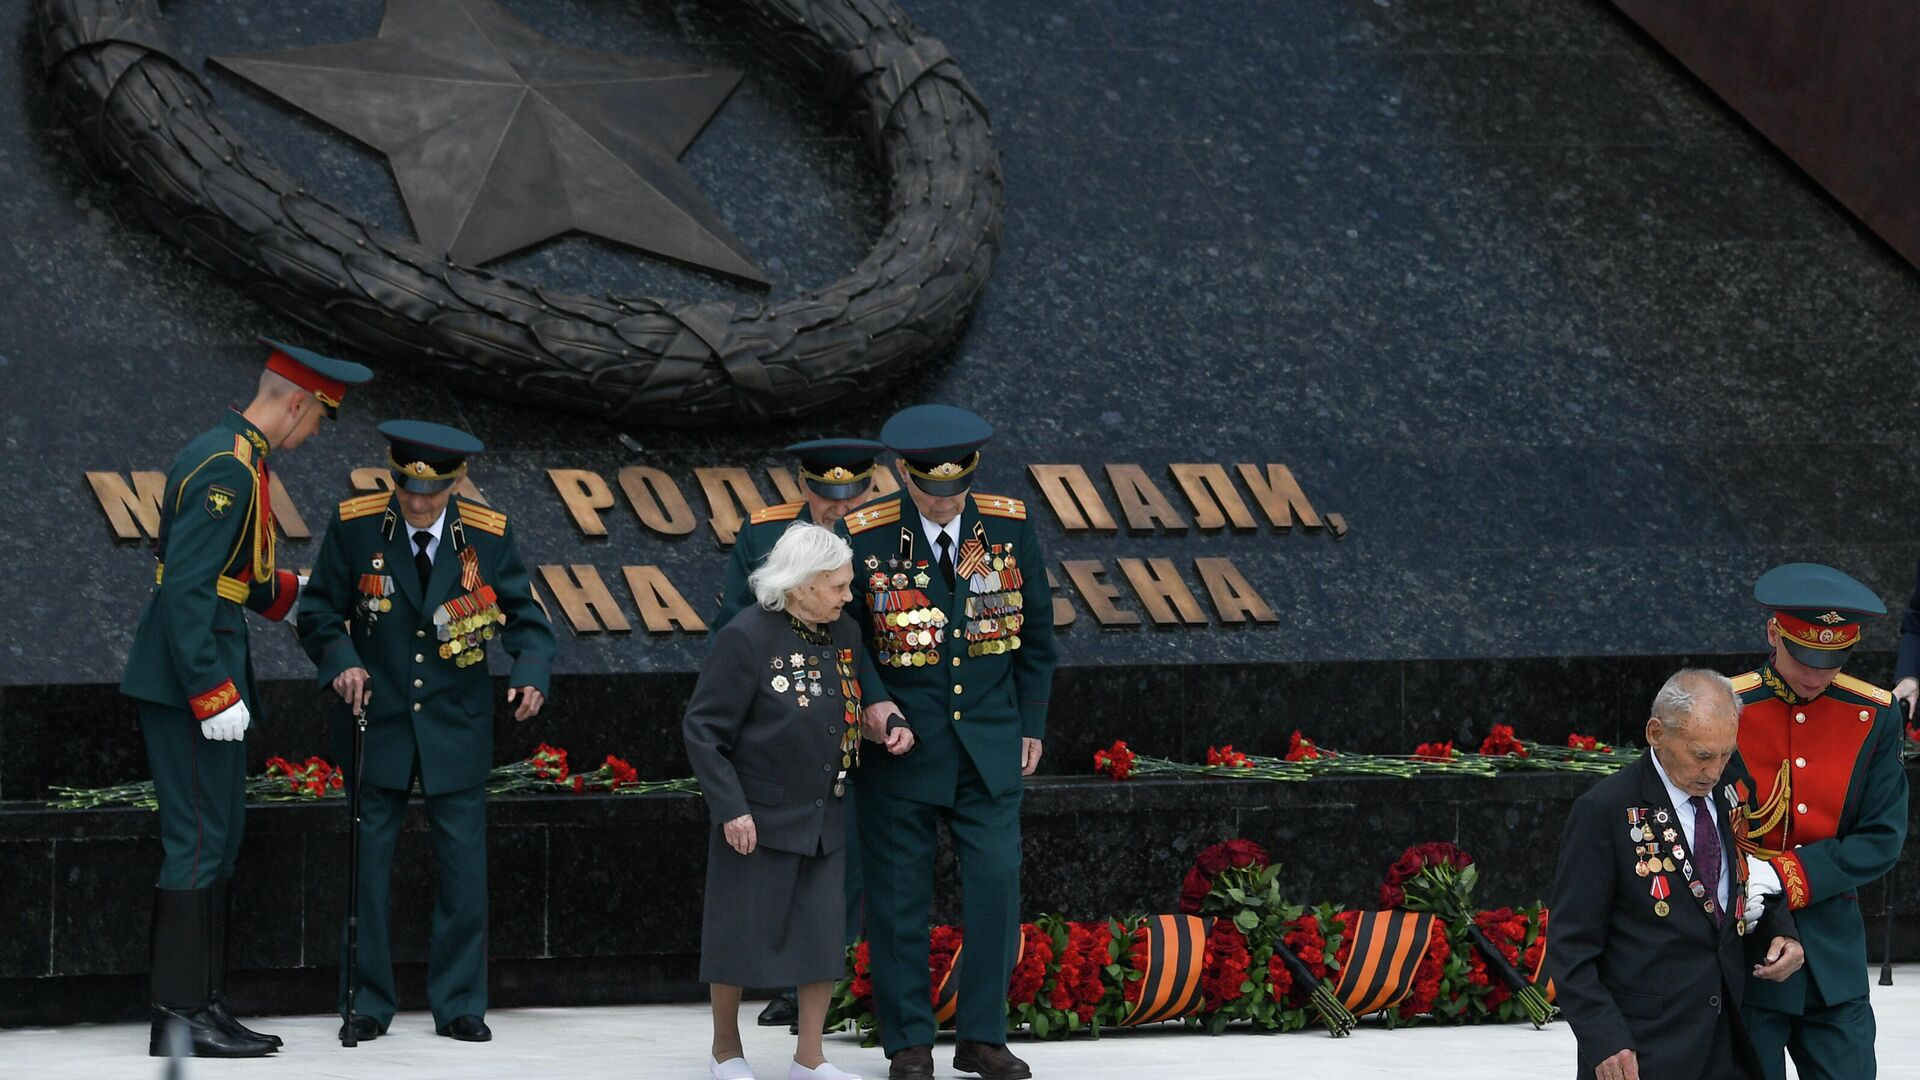 Ветераны Великой отечественной войны (ВОВ) во время церемонии возложения венка к Ржевскому мемориалу Советскому солдату - РИА Новости, 1920, 05.05.2021